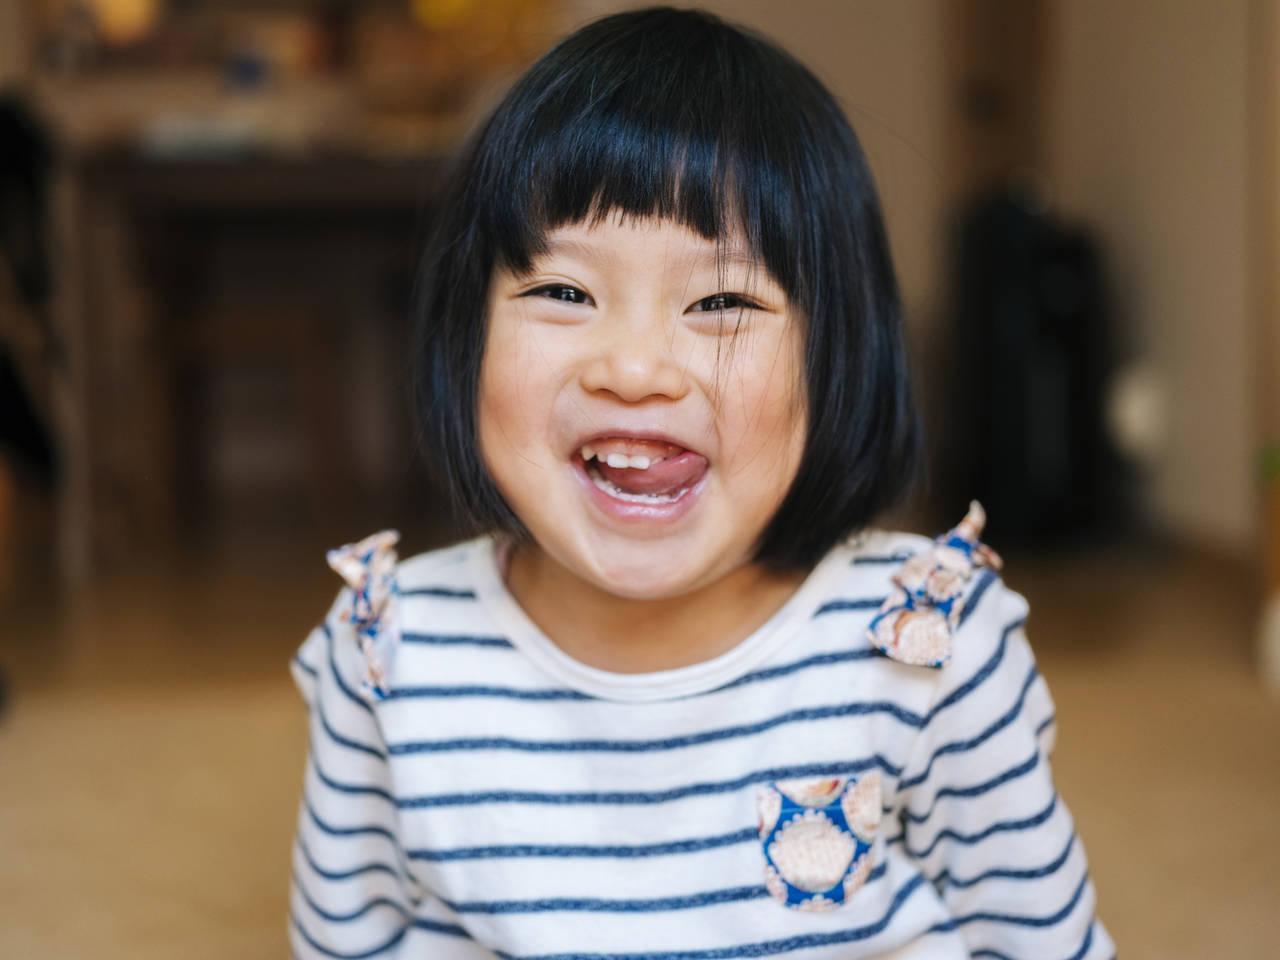 なんでも知りたい幼児のこと。心と身体の発達、幼児食や病気のこと